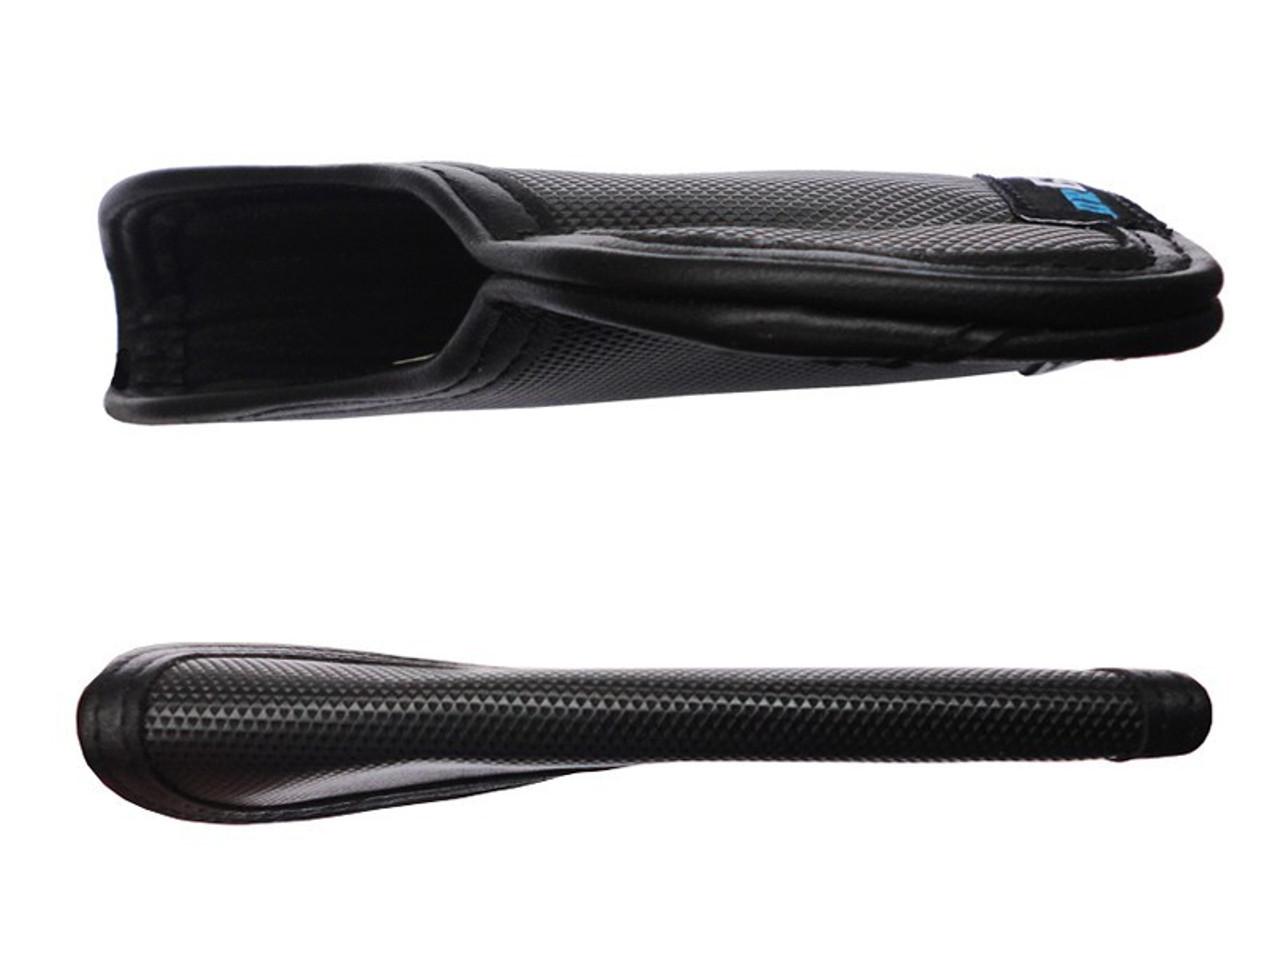 Taurus PT-22 .22 Caliber Ambidextrous orGUNizer Pocket Holster by Garrison Grip (B)